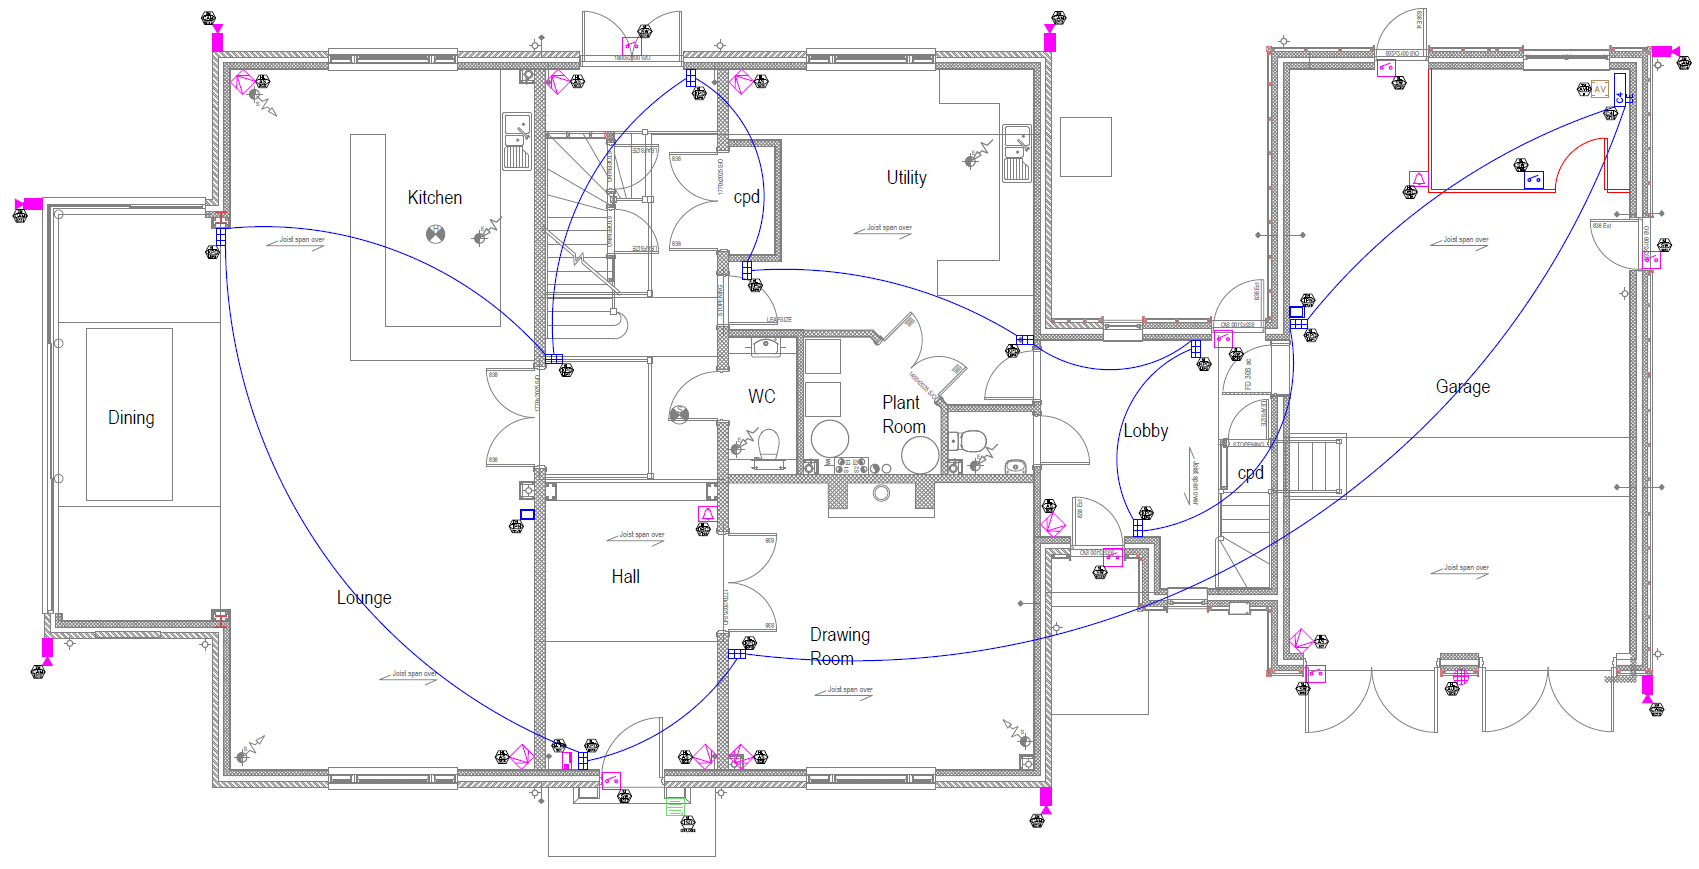 AutoCAD schematics